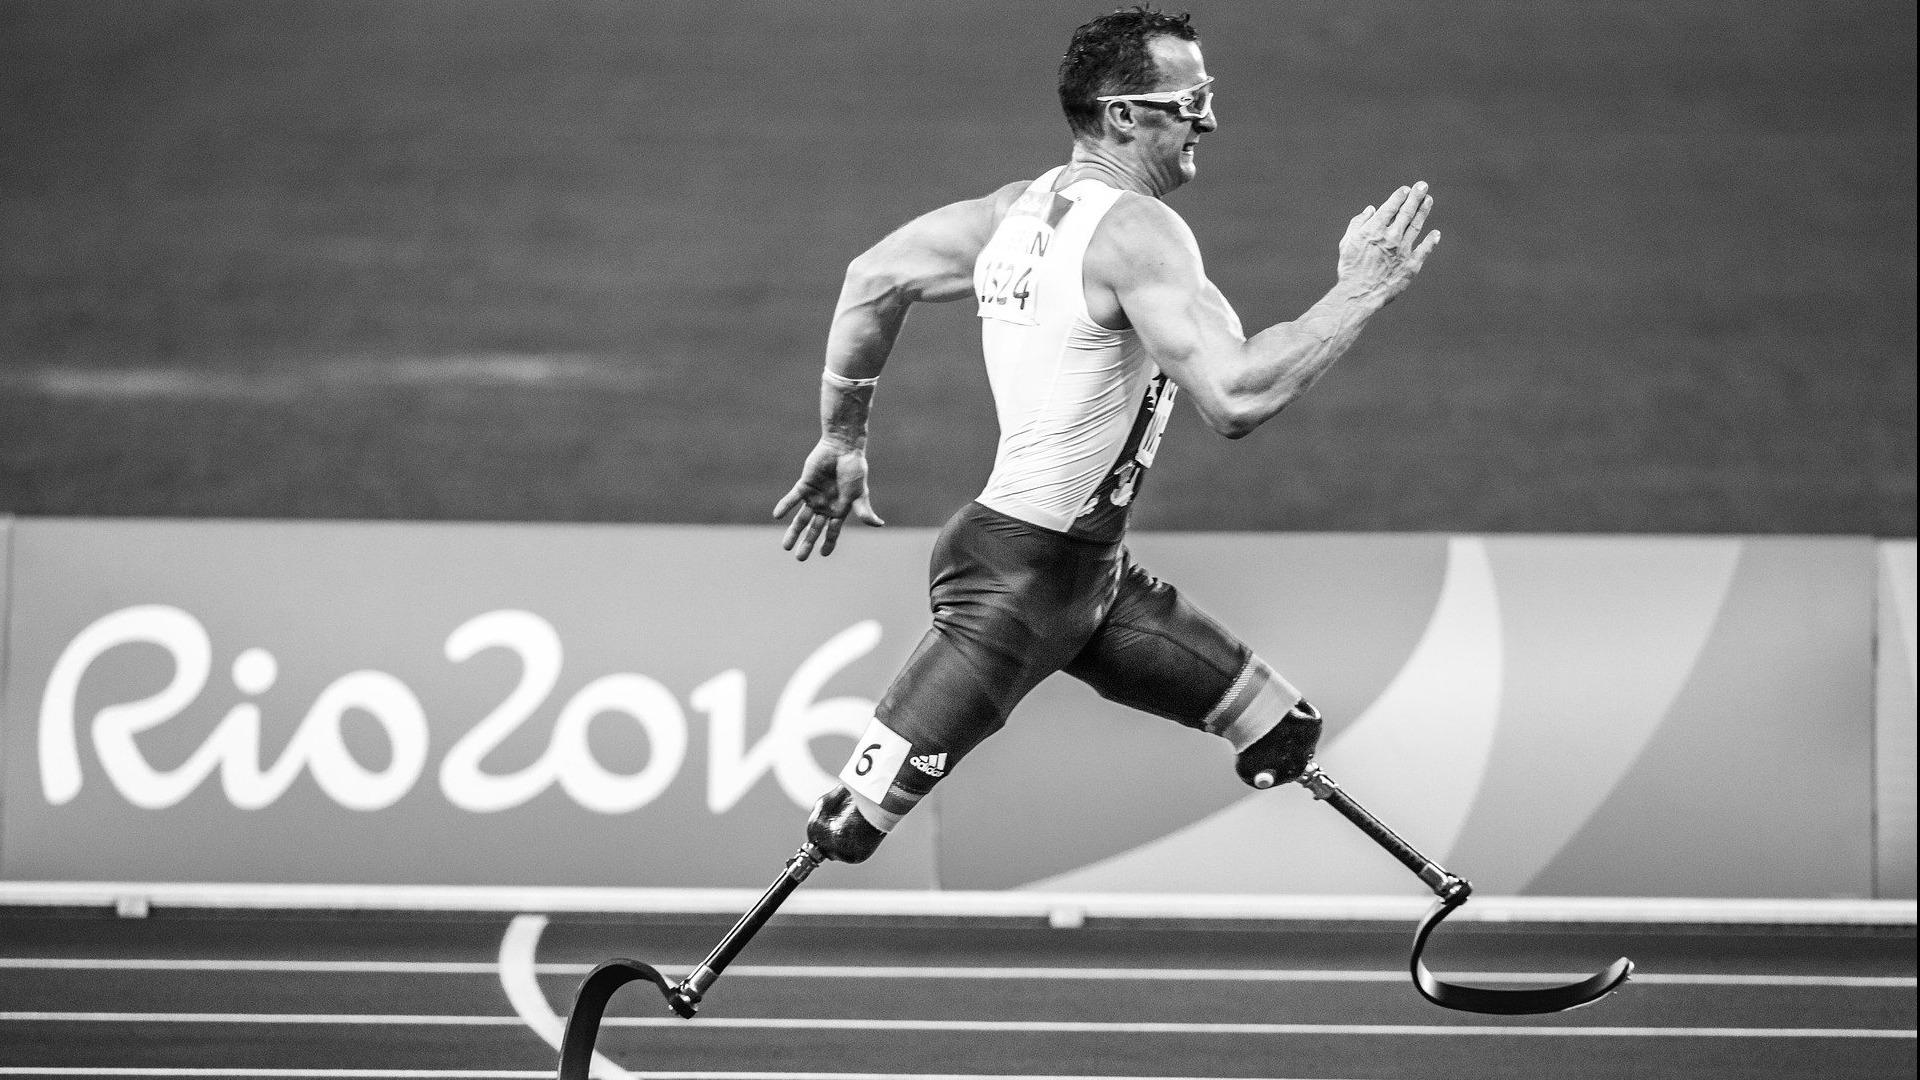 Runner with prosthetic legs